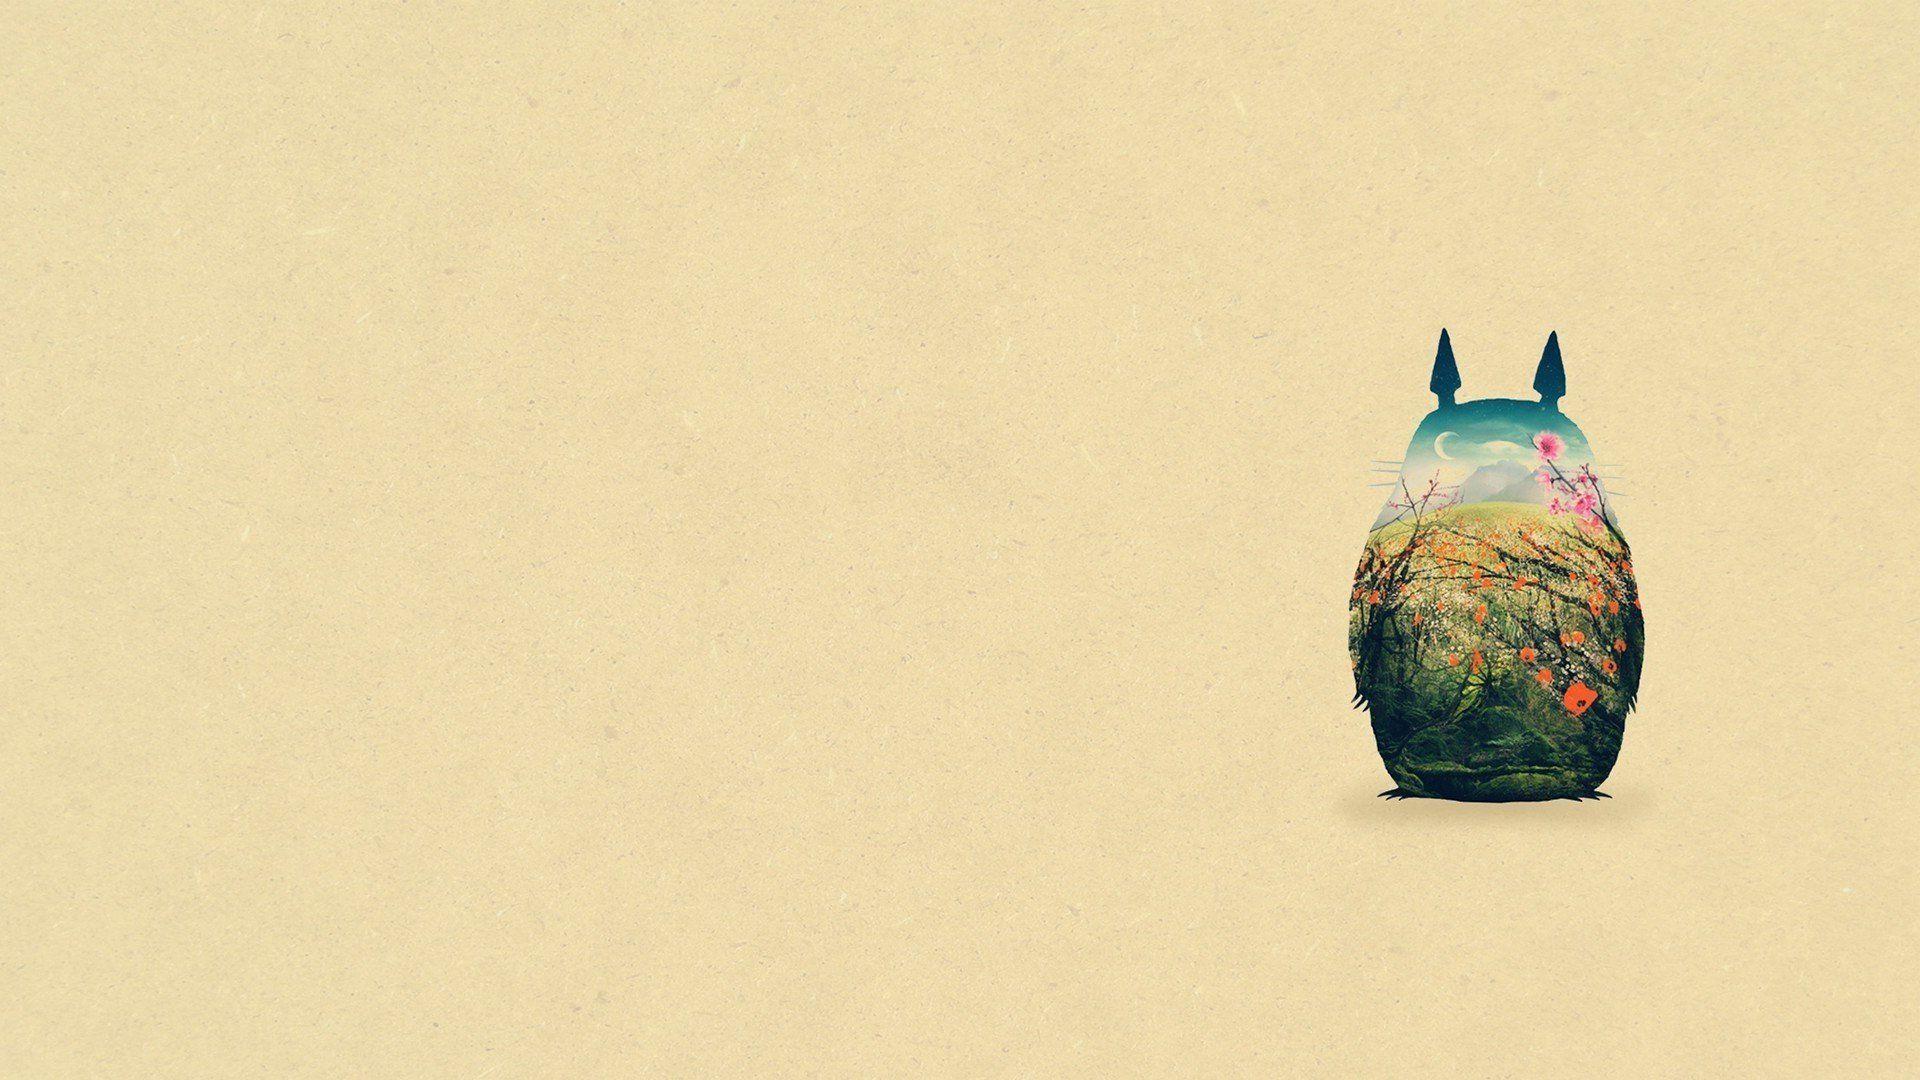 1920x1080 Studio Ghibli Totoro Hàng xóm của tôi Nền đơn giản